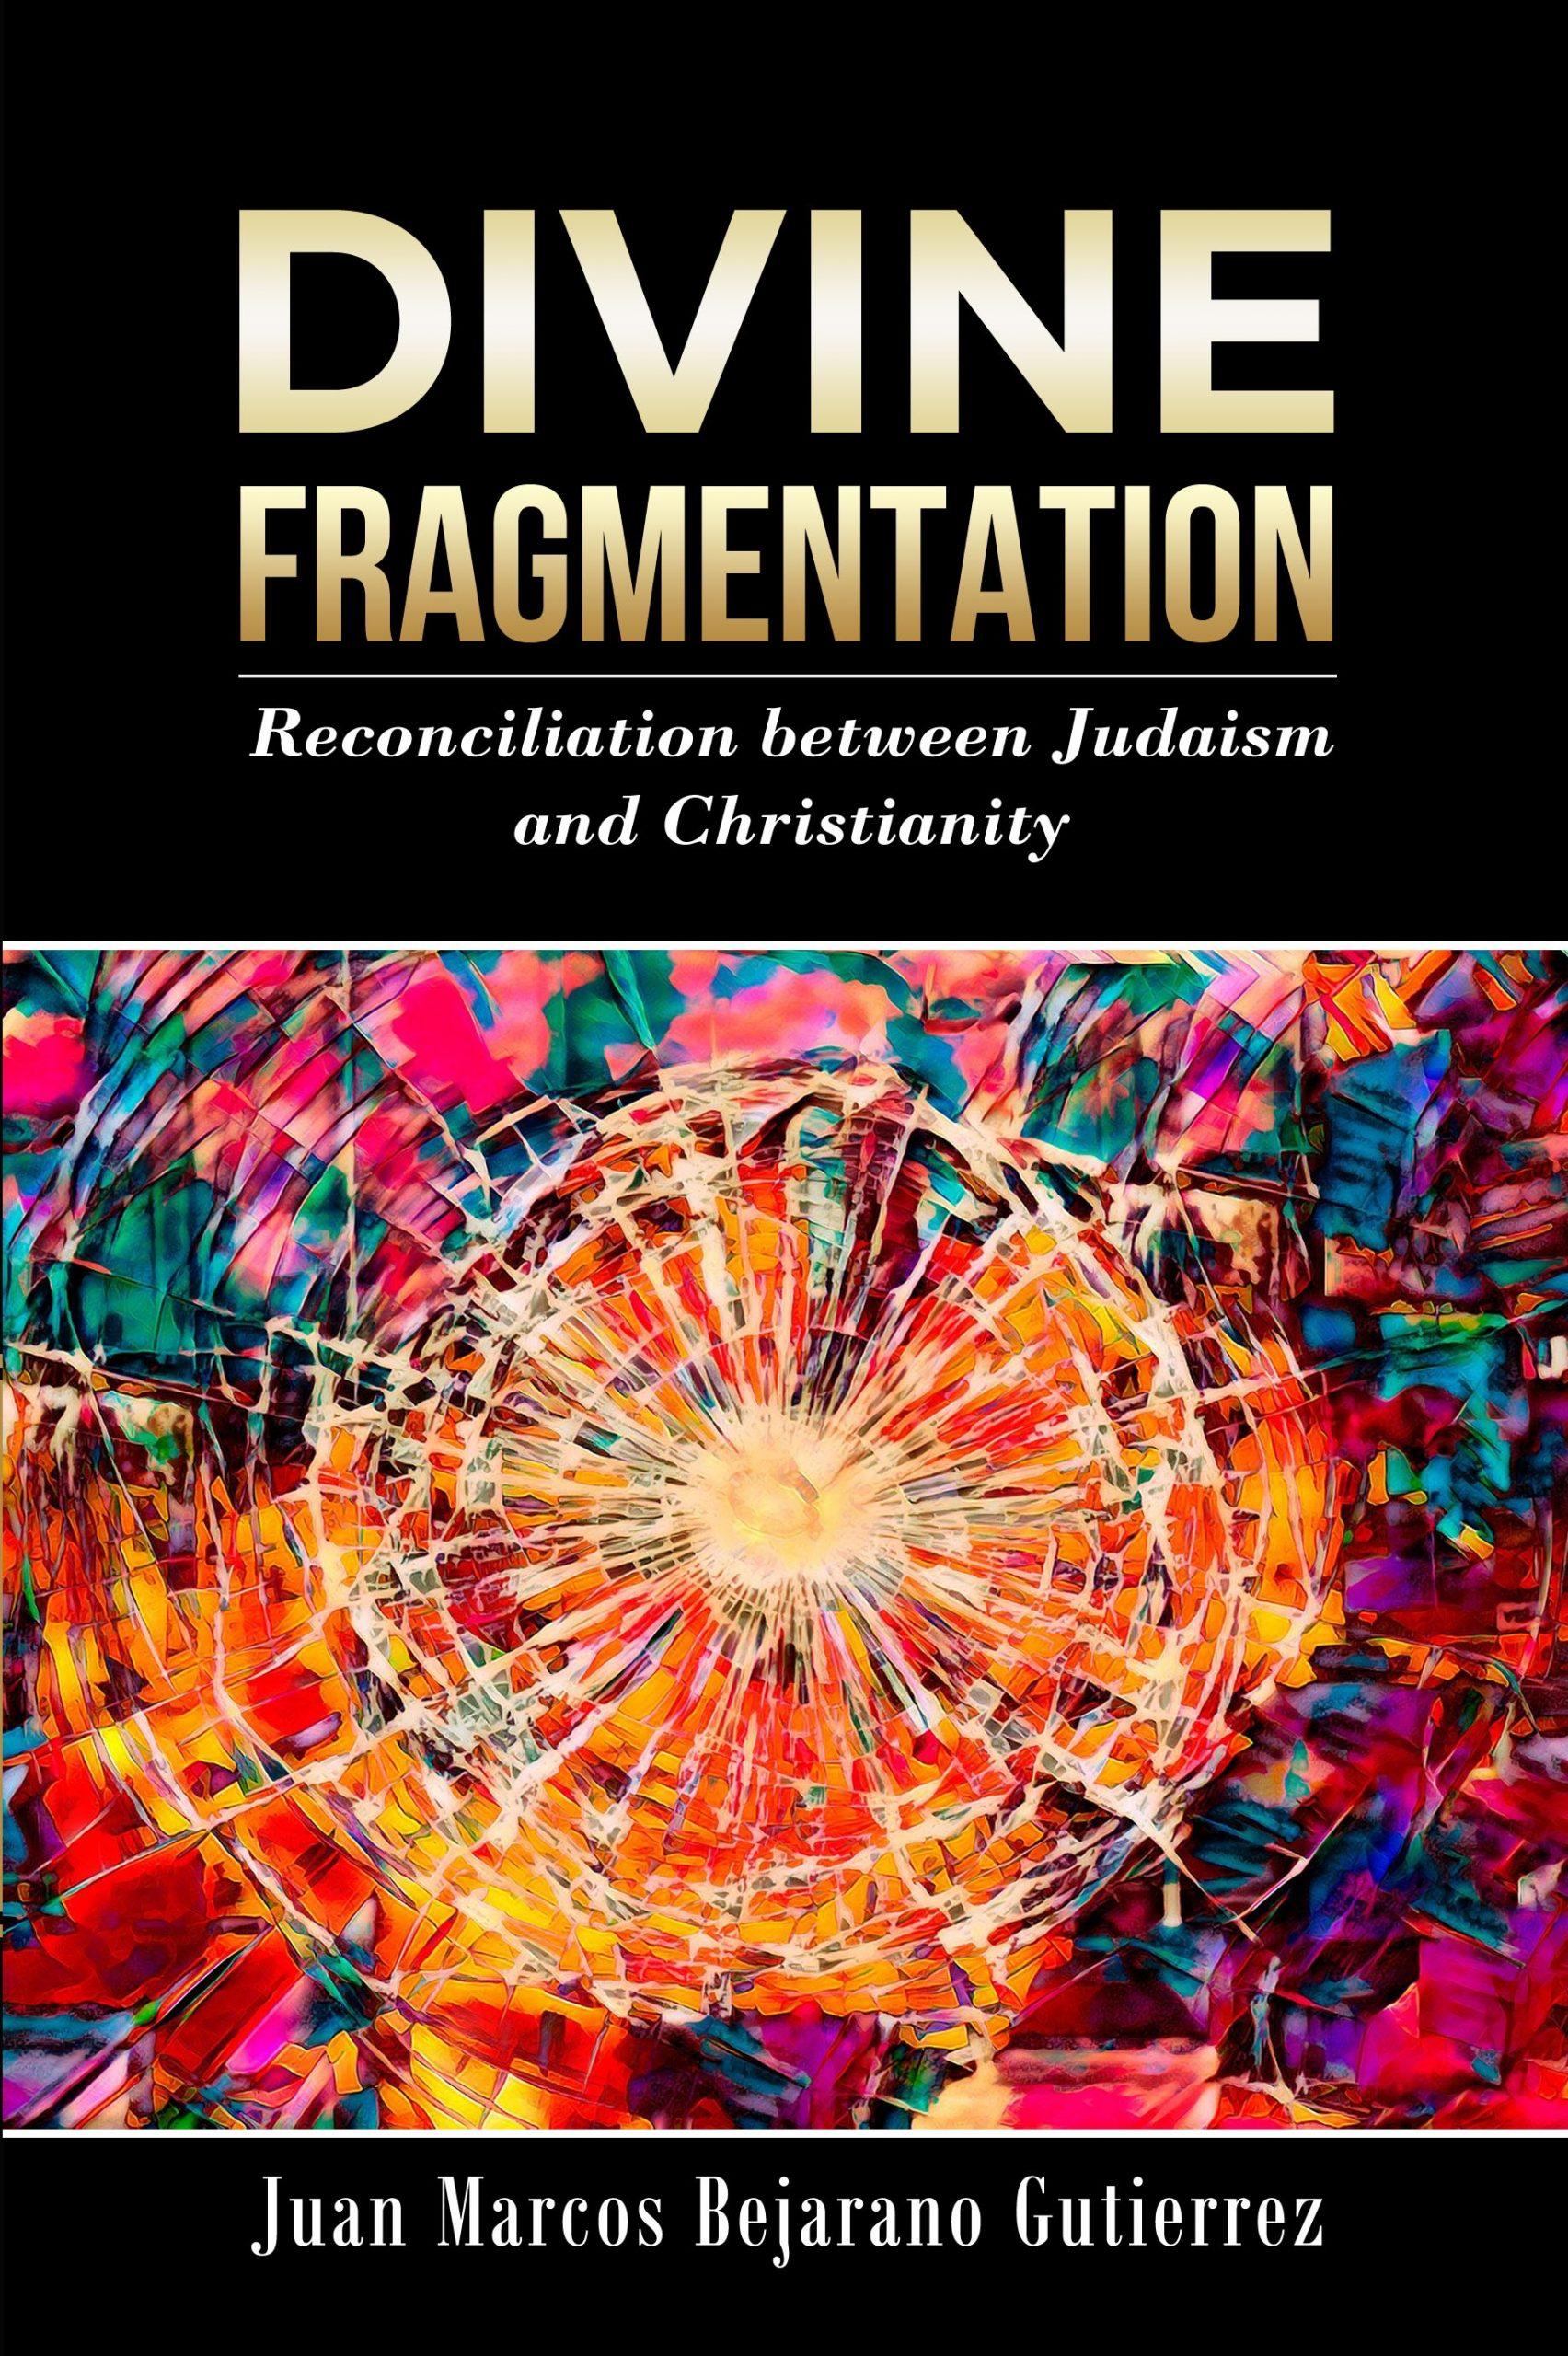 Divine Fragmentation